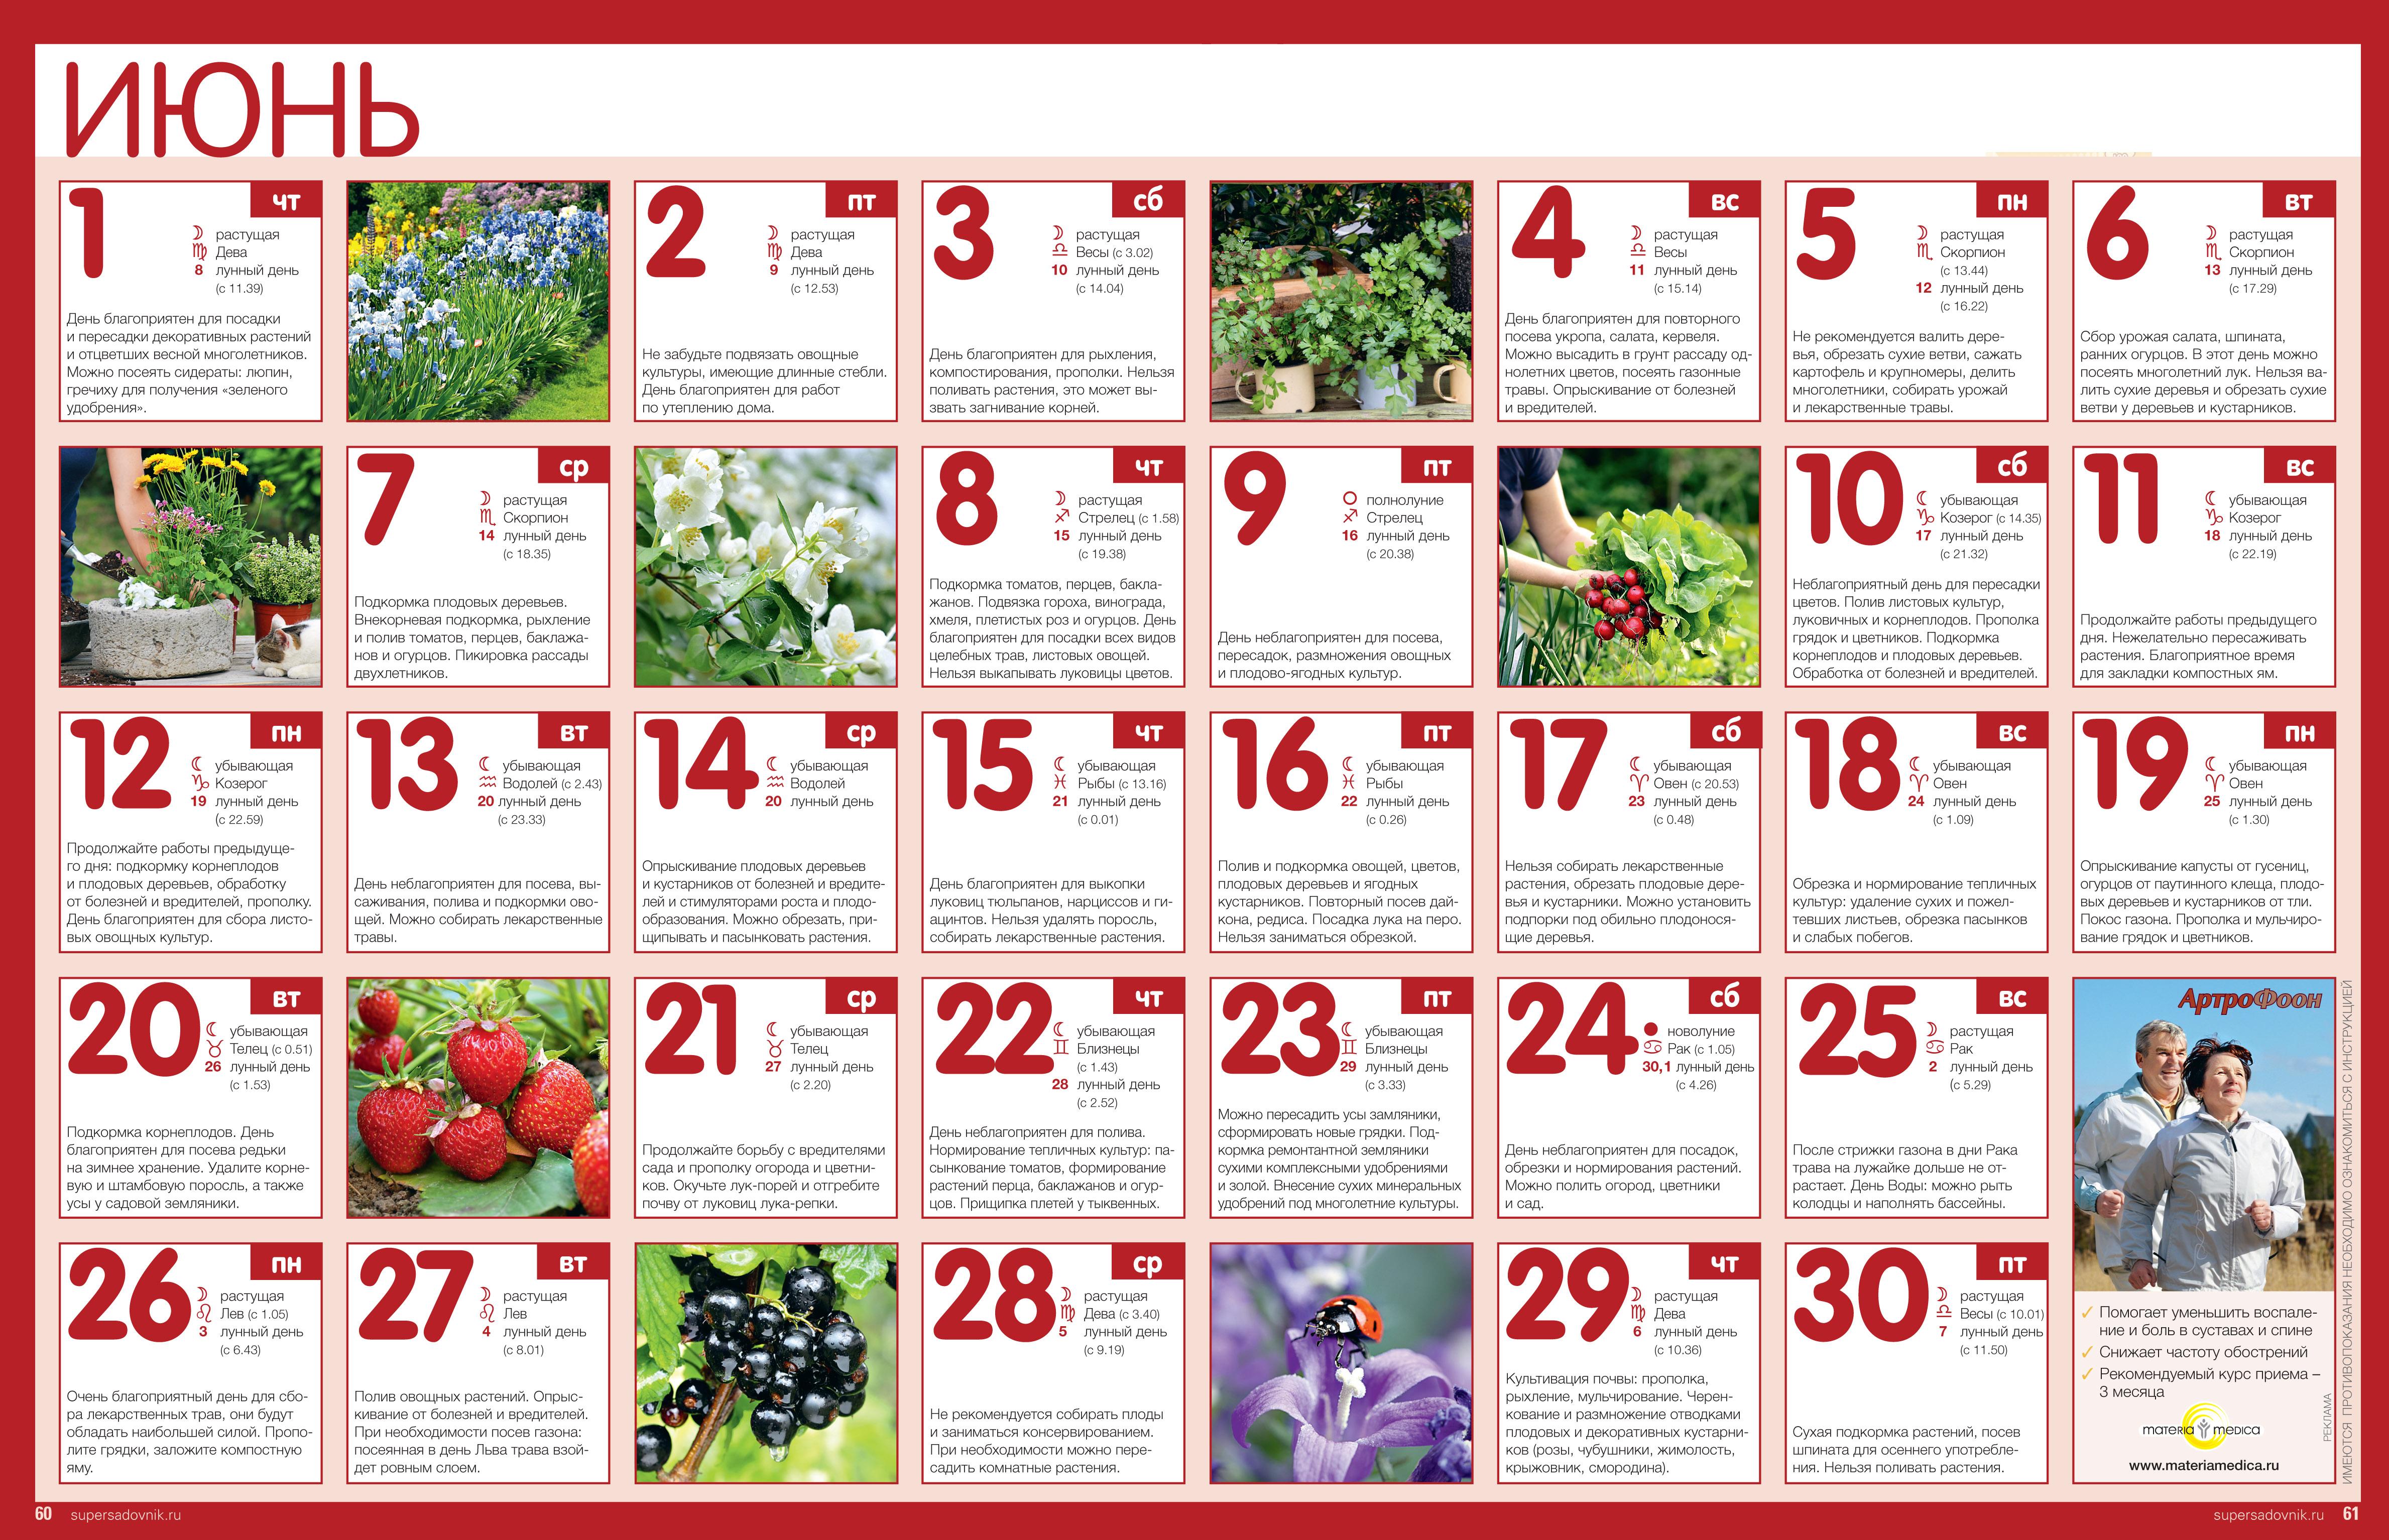 Улетный Лунный календарь на октябрь 2017 - стрижек, огородника, клева